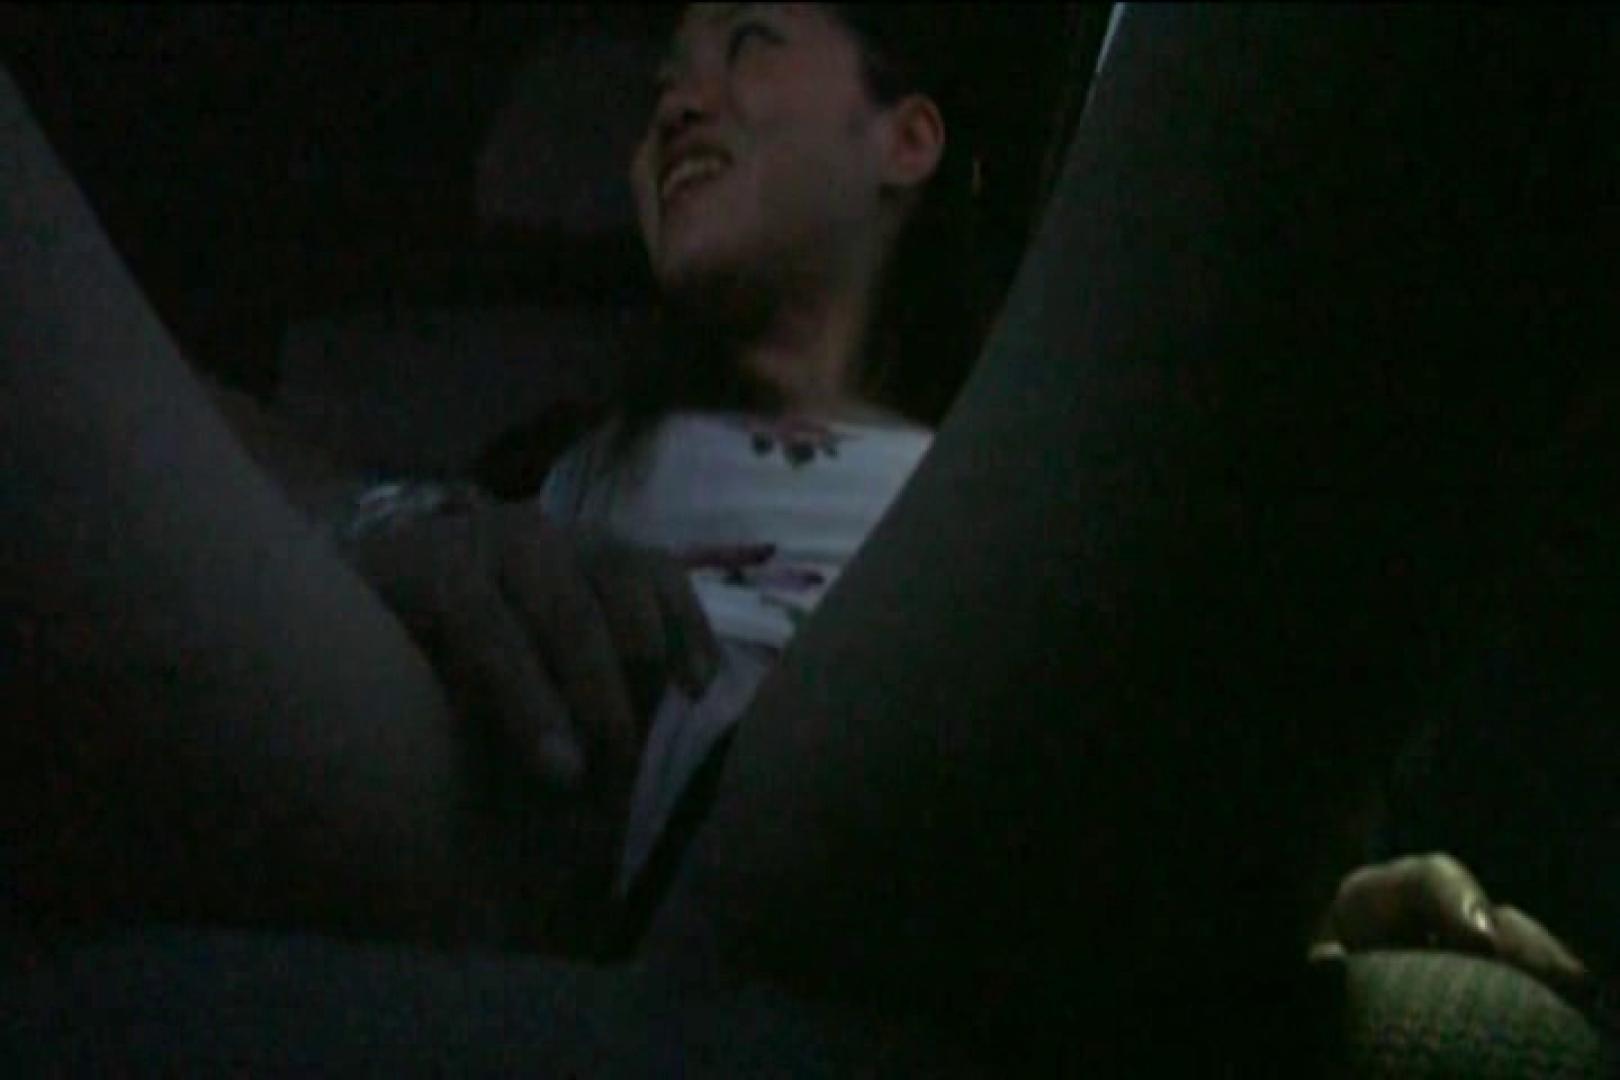 車内で初めまして! vol01 OLのエロ生活   盗撮  105連発 64